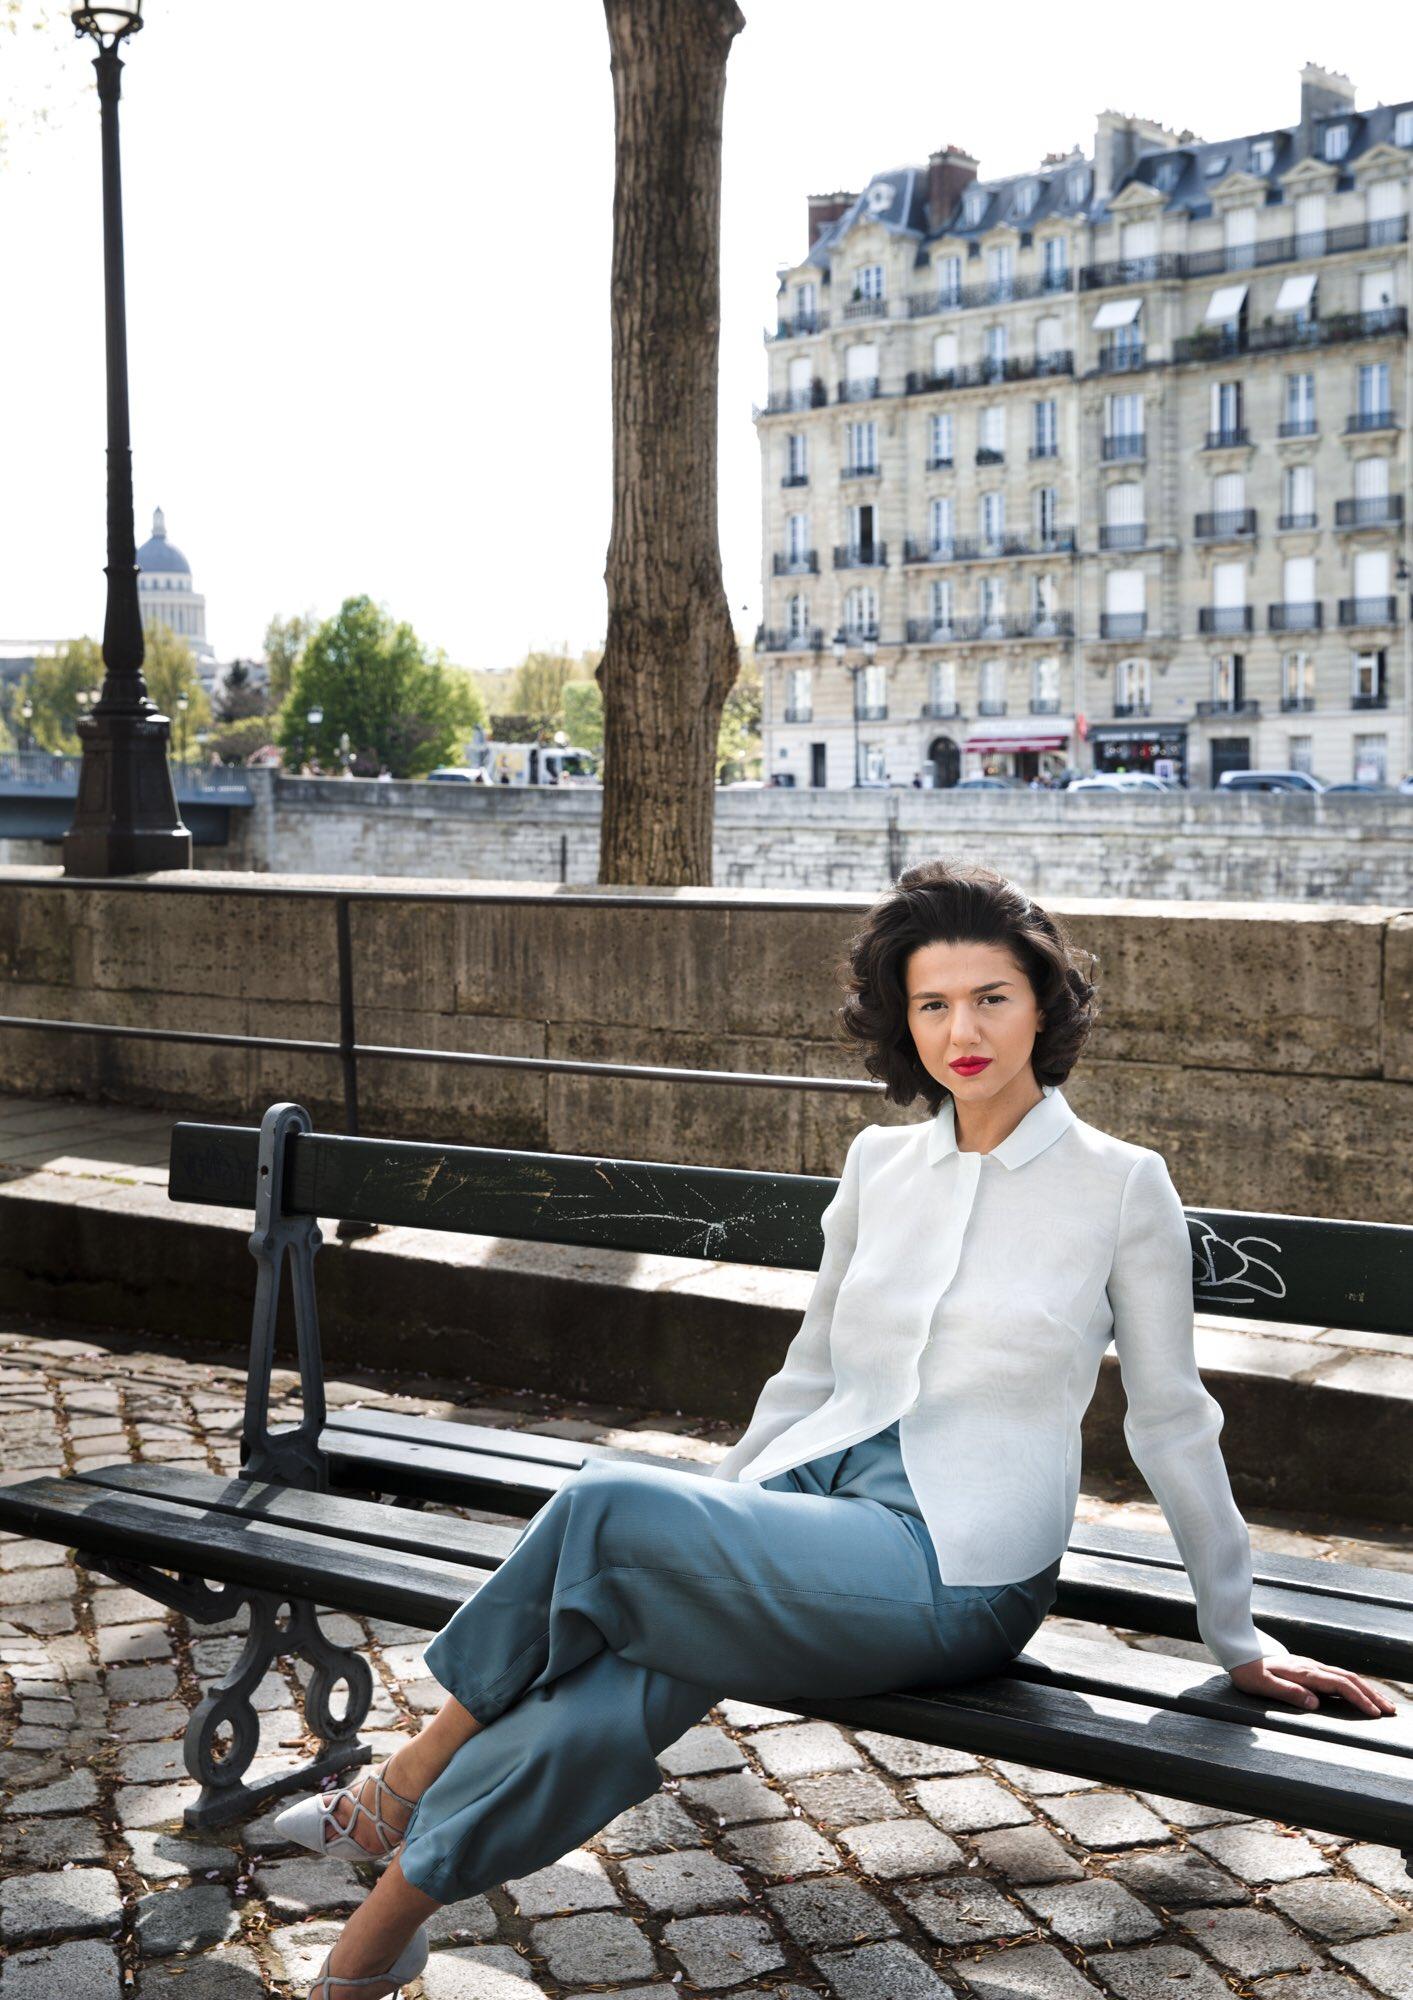 Reloaded twaddle – RT @BuniatishviliKh: Le concert de 23 Novembre à la philharmonie de Paris est dé...